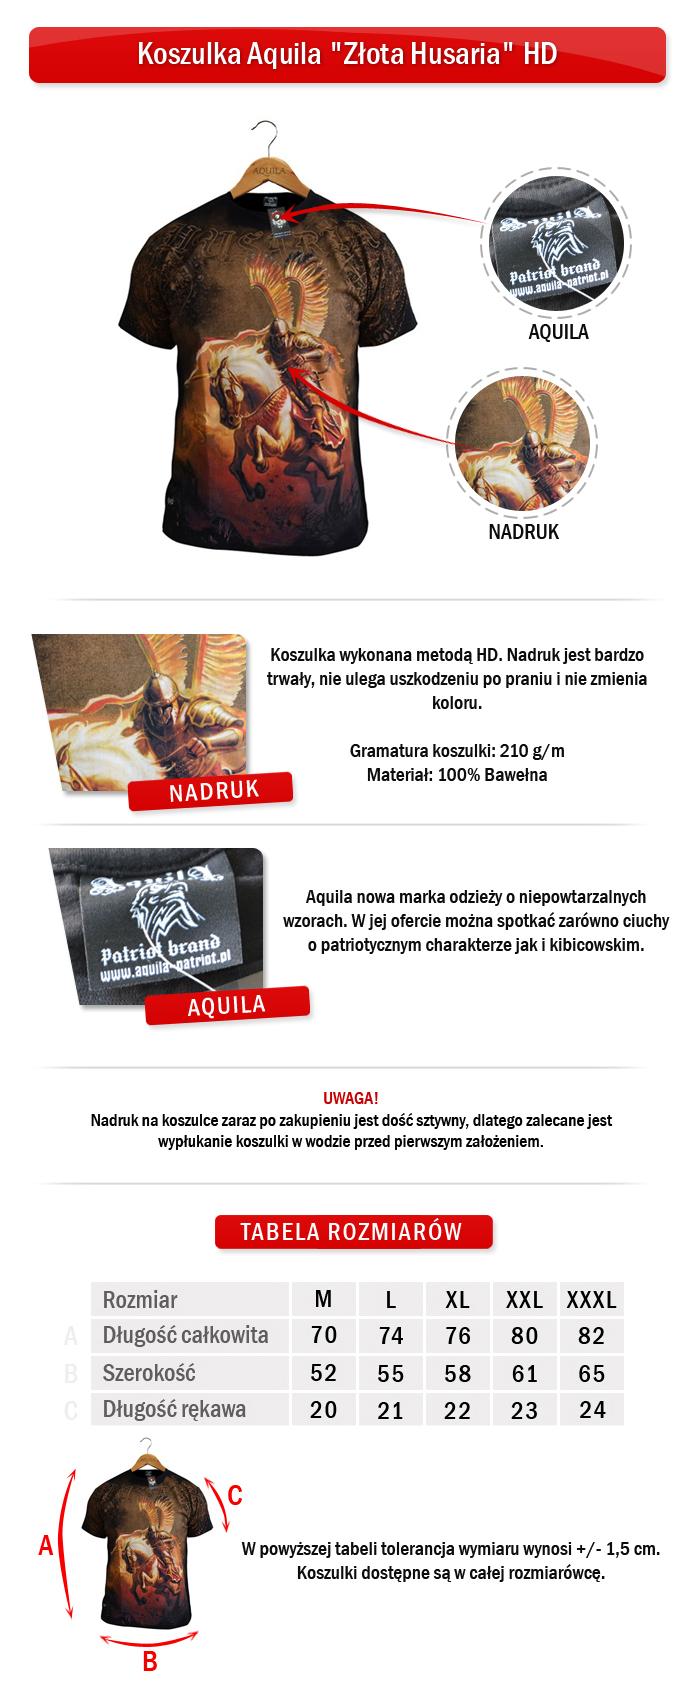 koszulka-aquila-zlota-husaria-hd-8